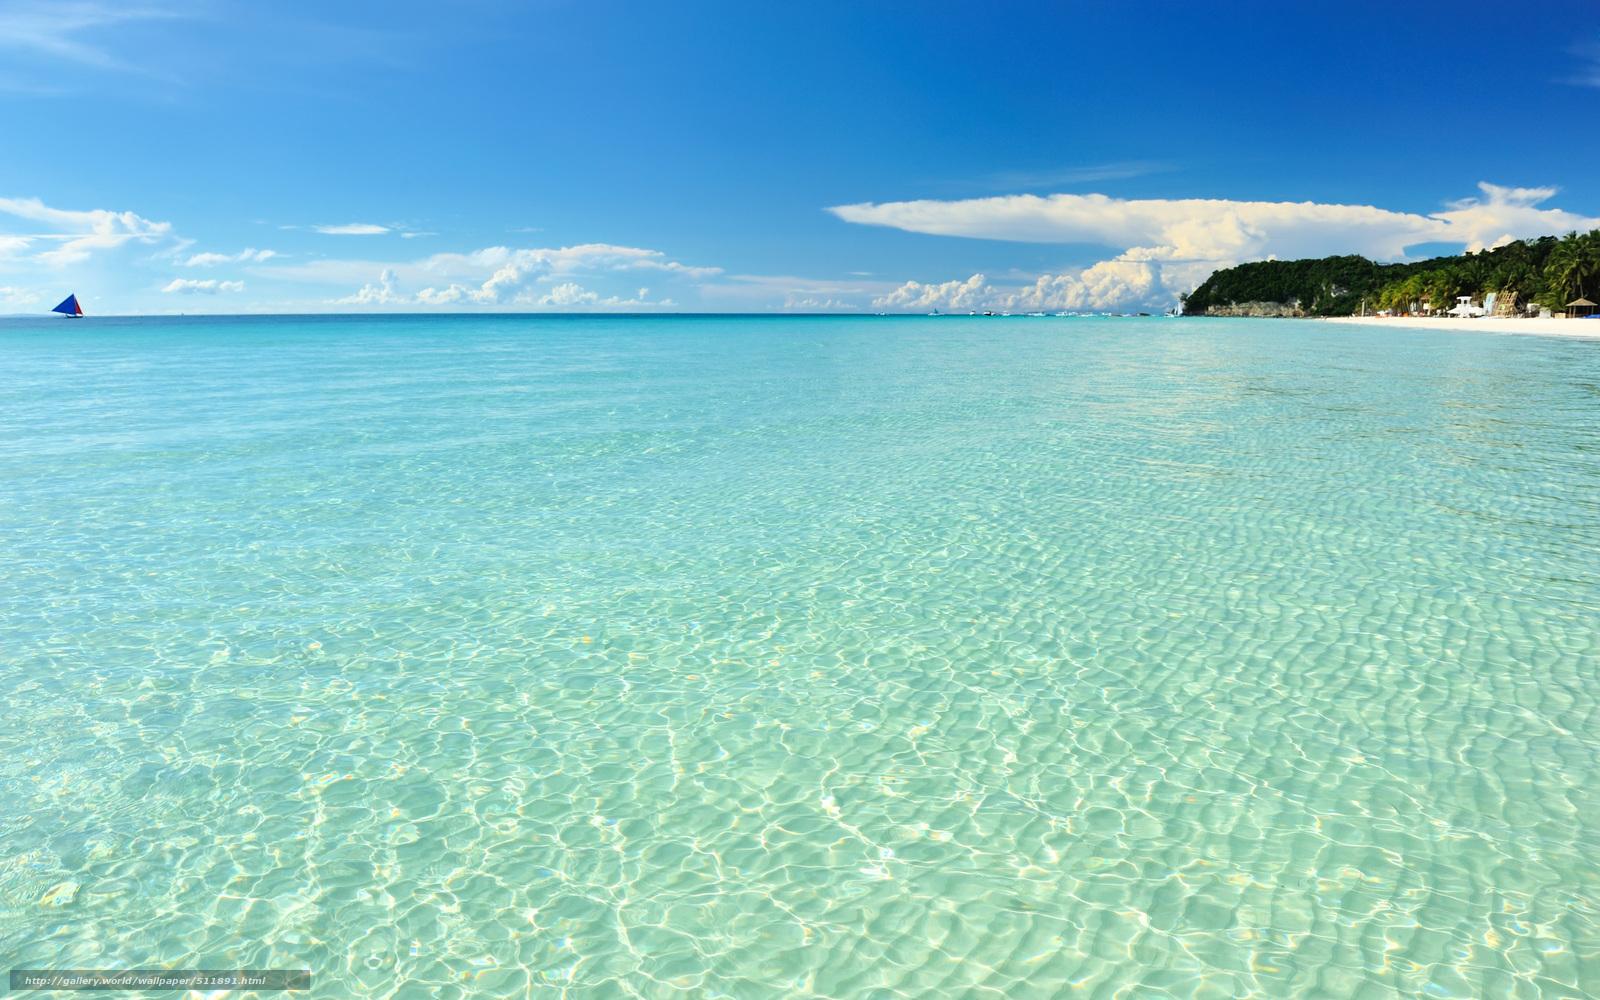 Scaricare gli sfondi mare bello molto sfondi gratis per for Sfondi desktop mare